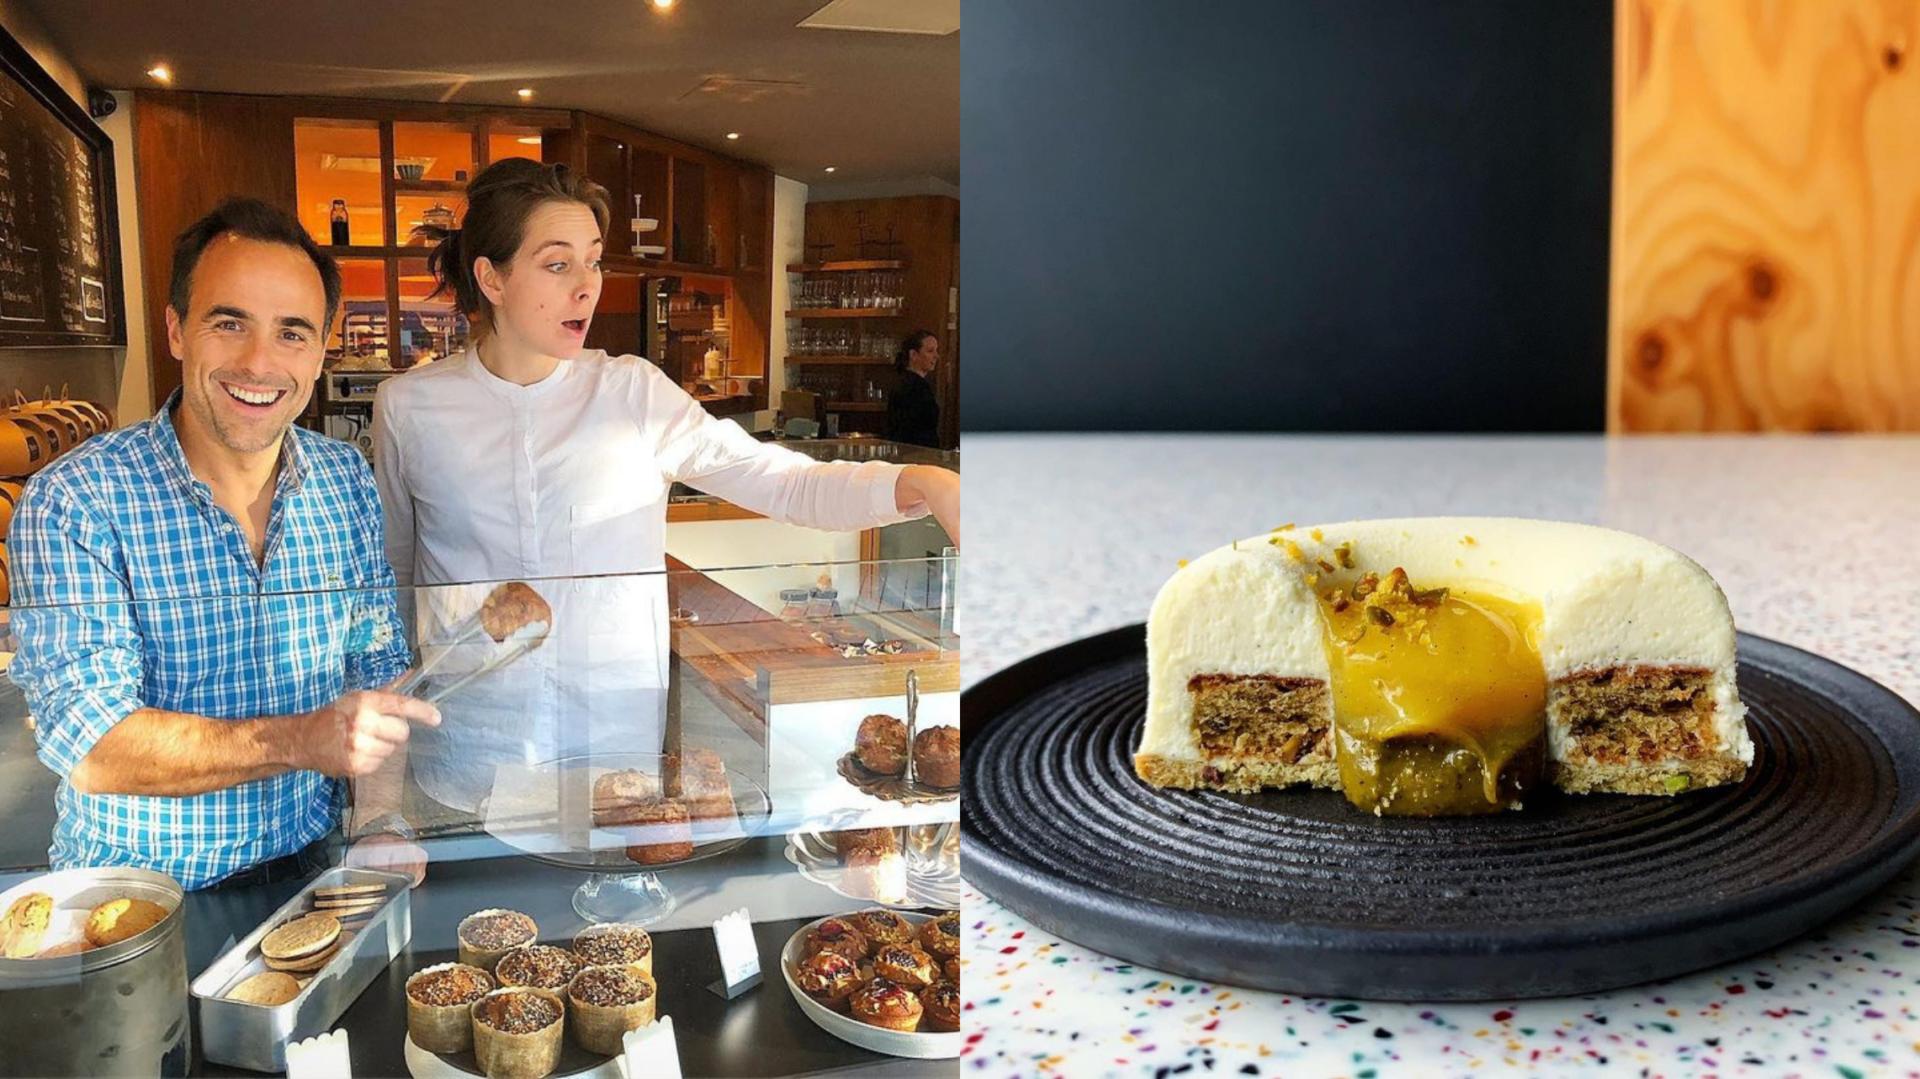 Patrice Pâtissier vous offre d'exceptionnelles pâtisseries tout près du marché Atwater! [PHOTOS]